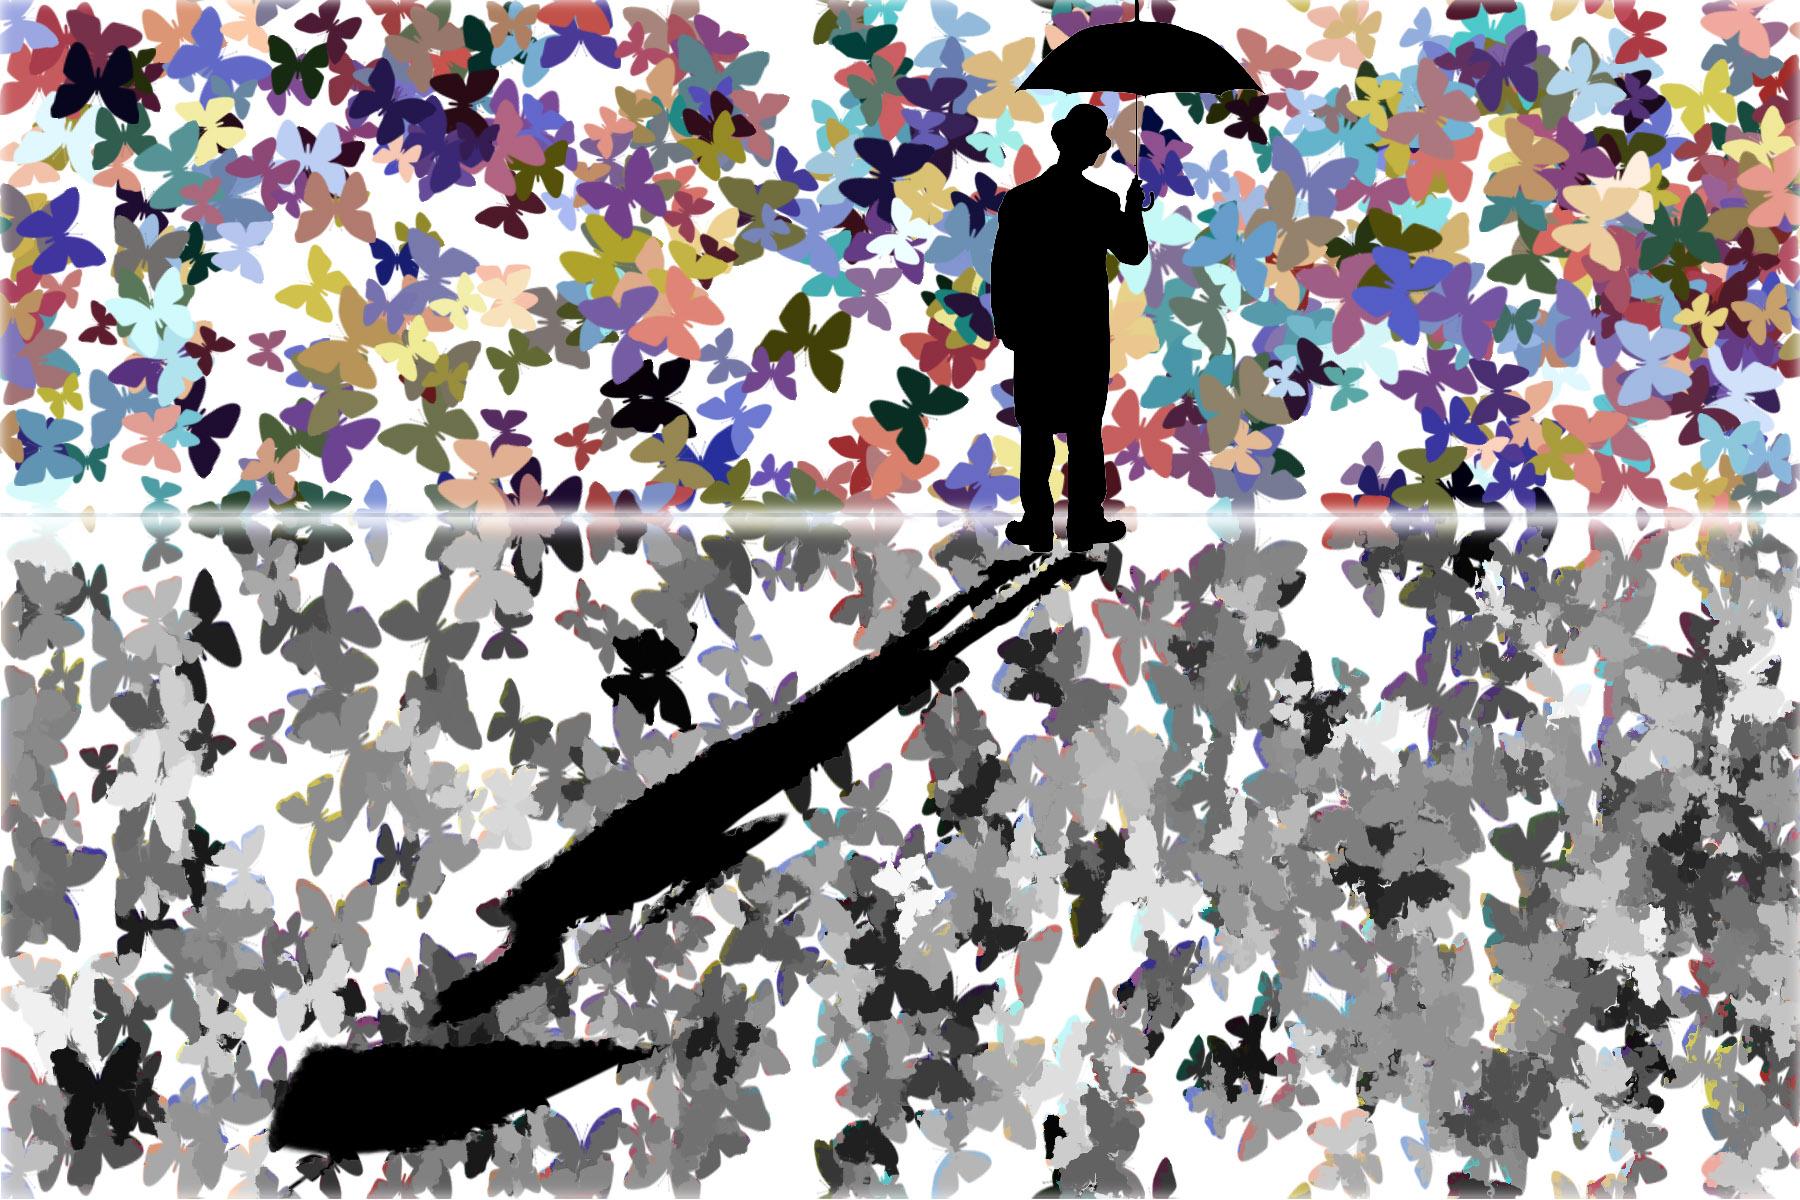 Raining Butterflies